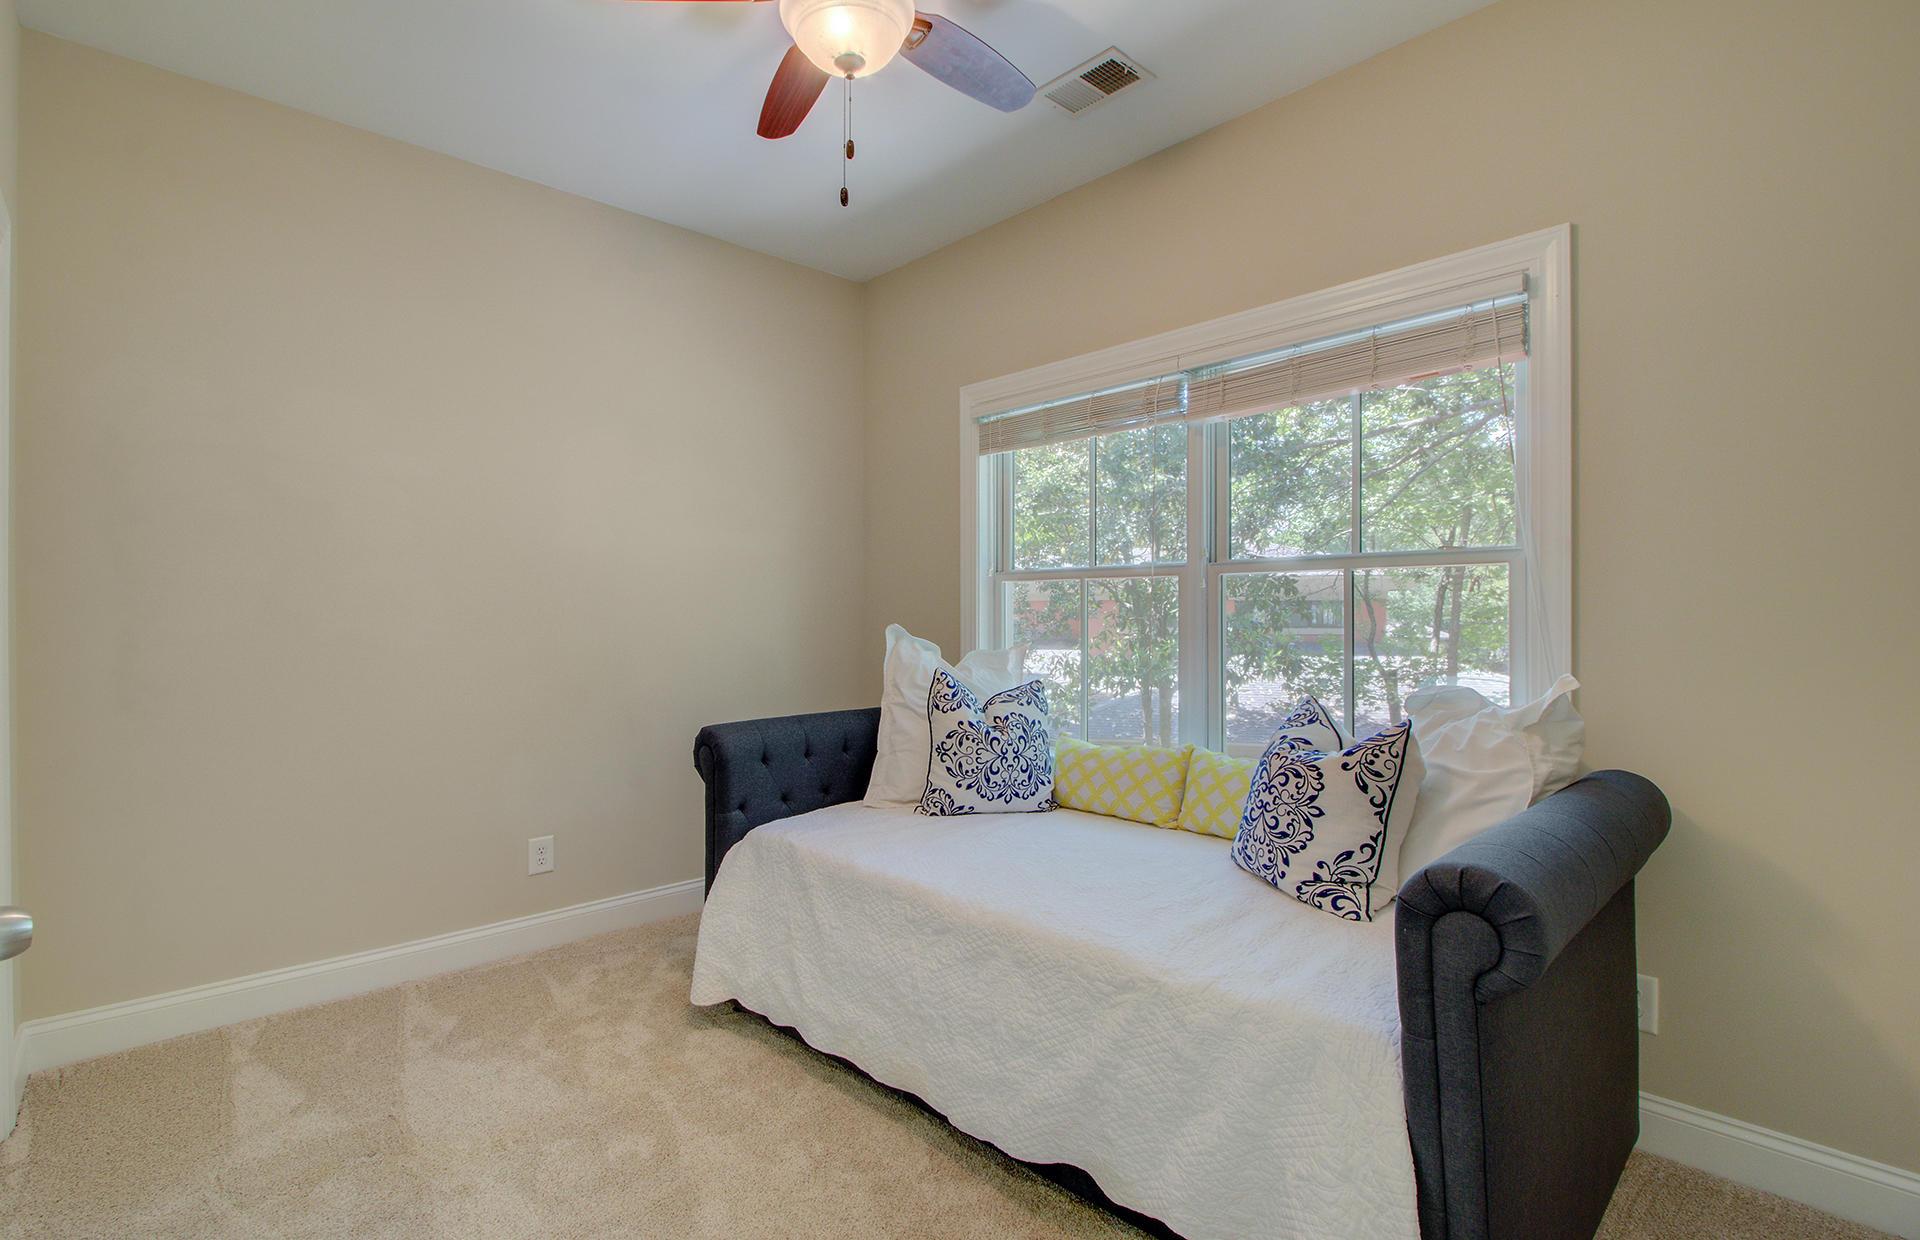 Phillips Park Homes For Sale - 1129 Phillips Park, Mount Pleasant, SC - 34